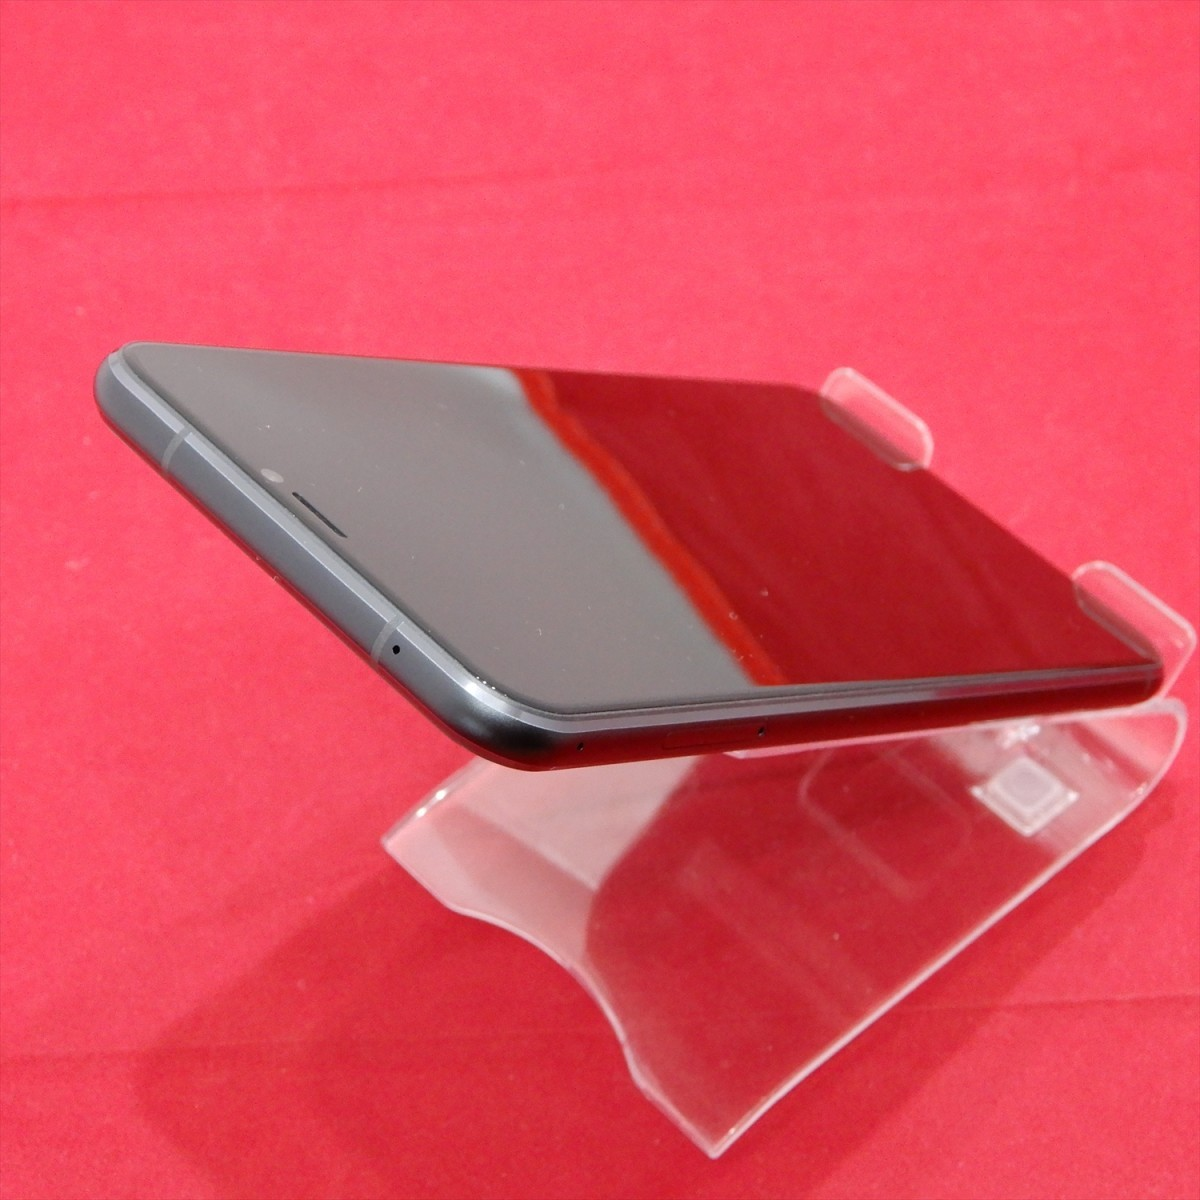 ZenFone 5Z ZS620KL 6.2インチ メモリー6GB ストレージ128GB シャイニーブラック SIMフリーの商品画像|3